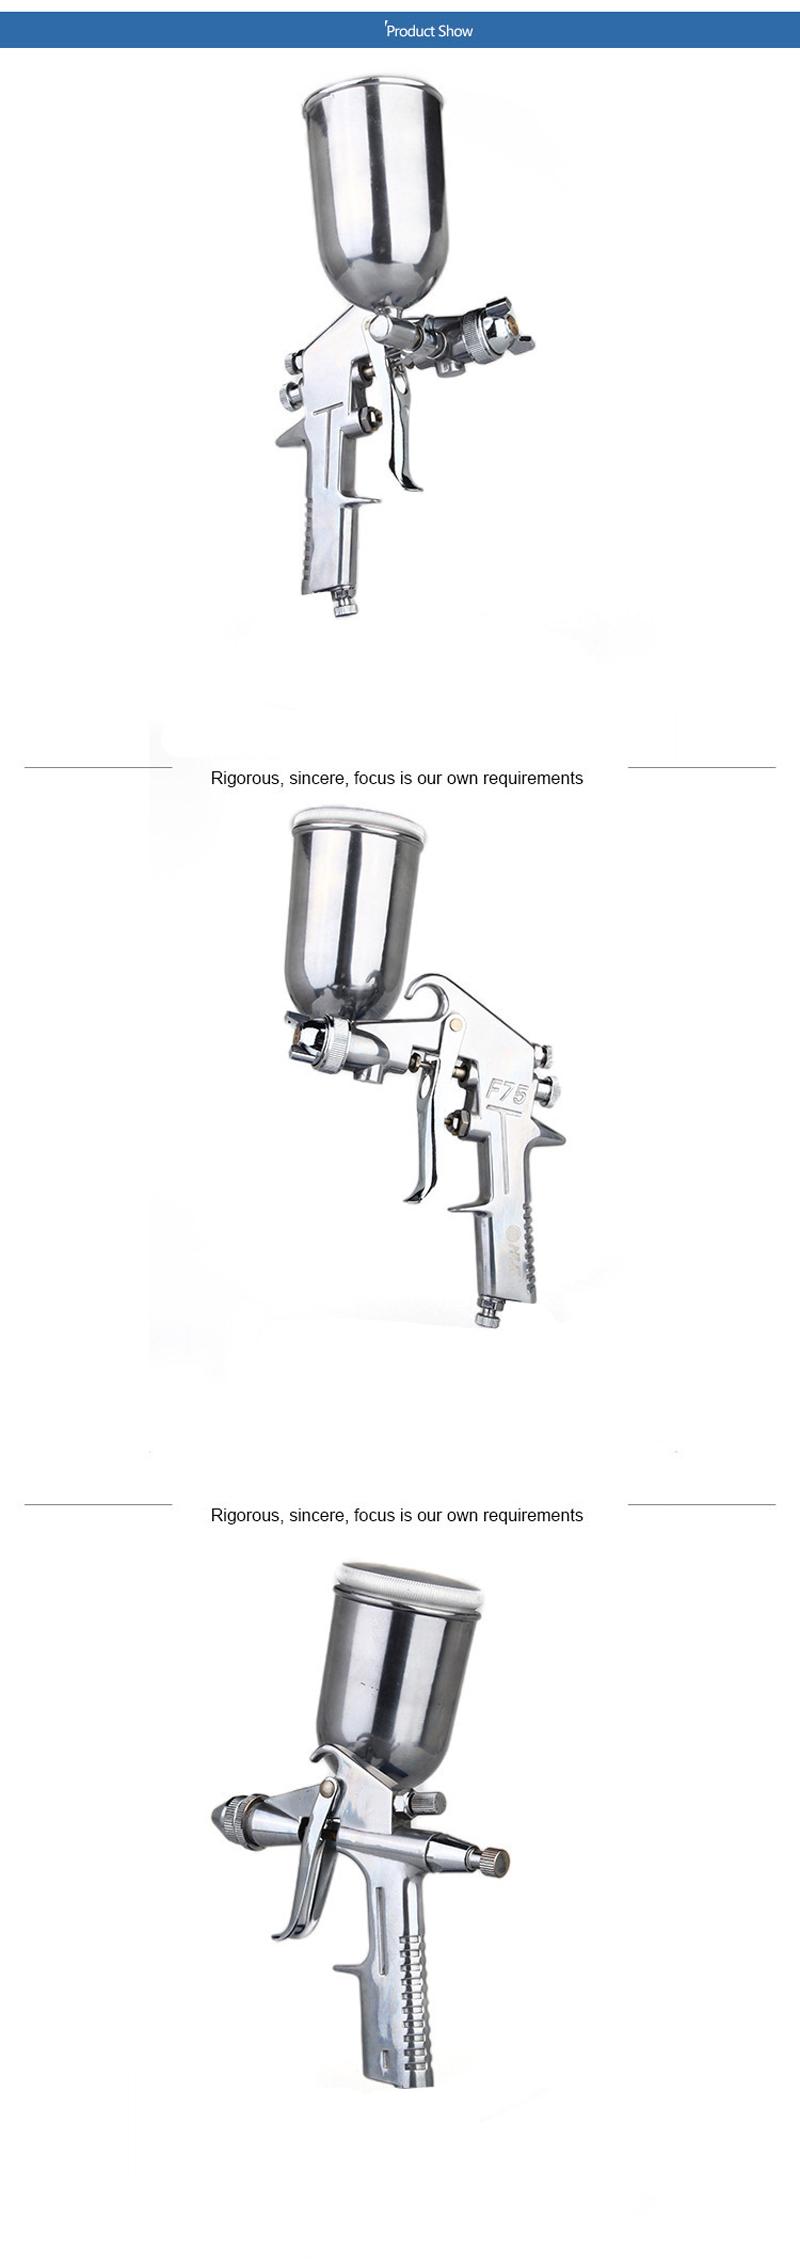 TSAUTOP spray gun